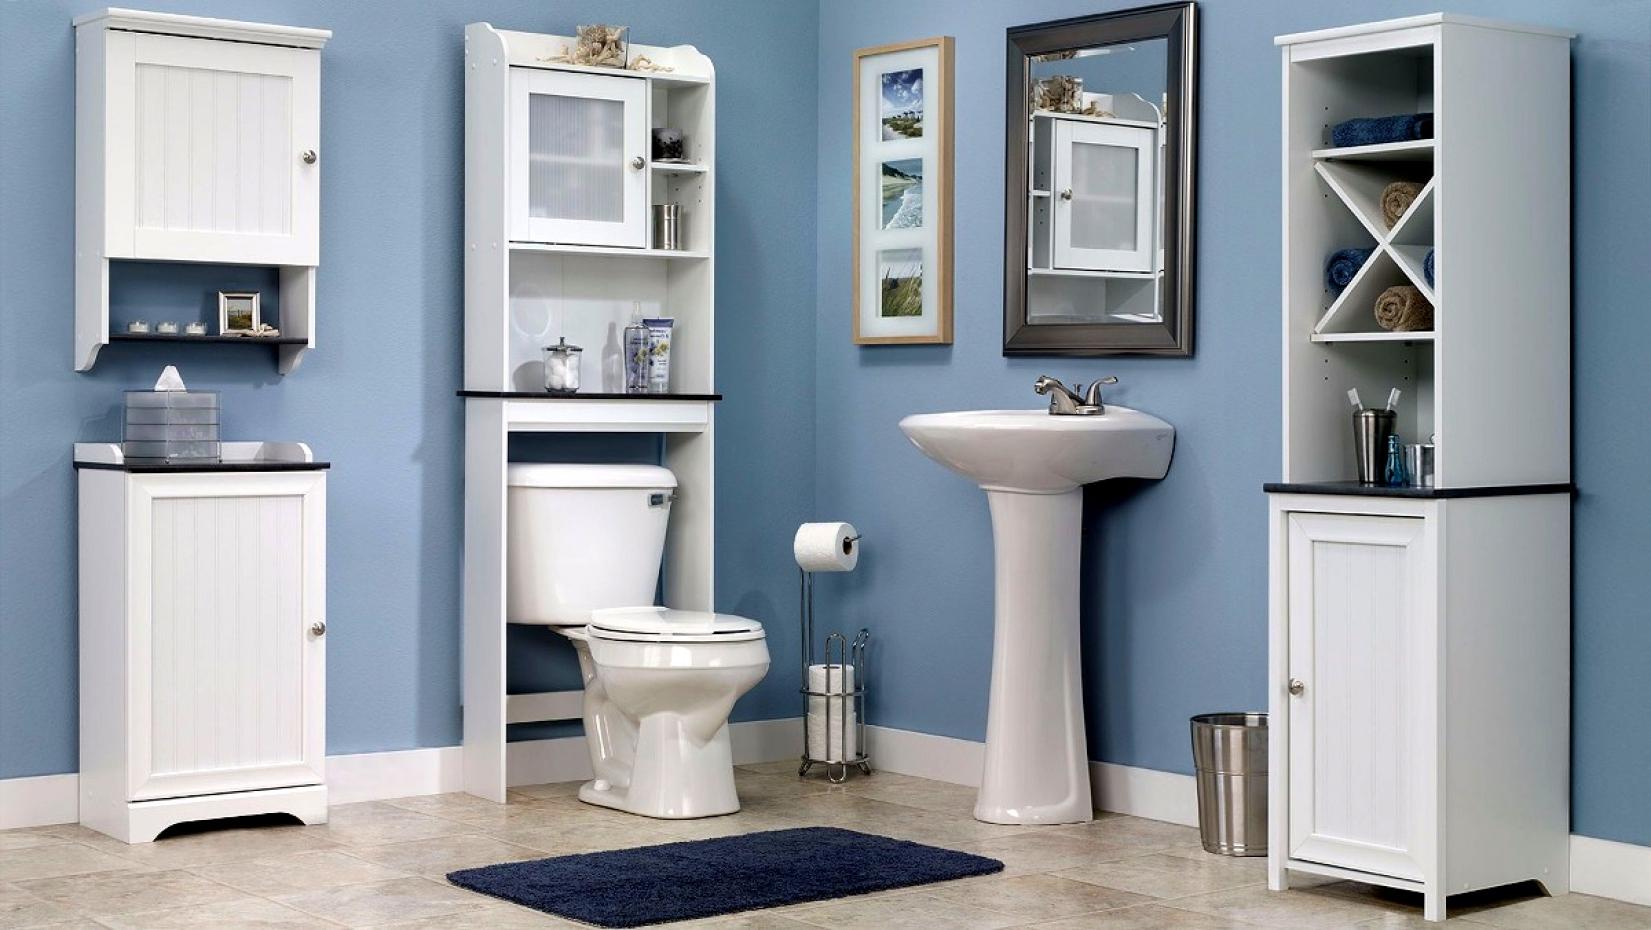 Mueble Baño Bajo Lavabo Dddy Maravilloso De Muebles Para Bano Zona Sur Mueble Bajolavabo Madera